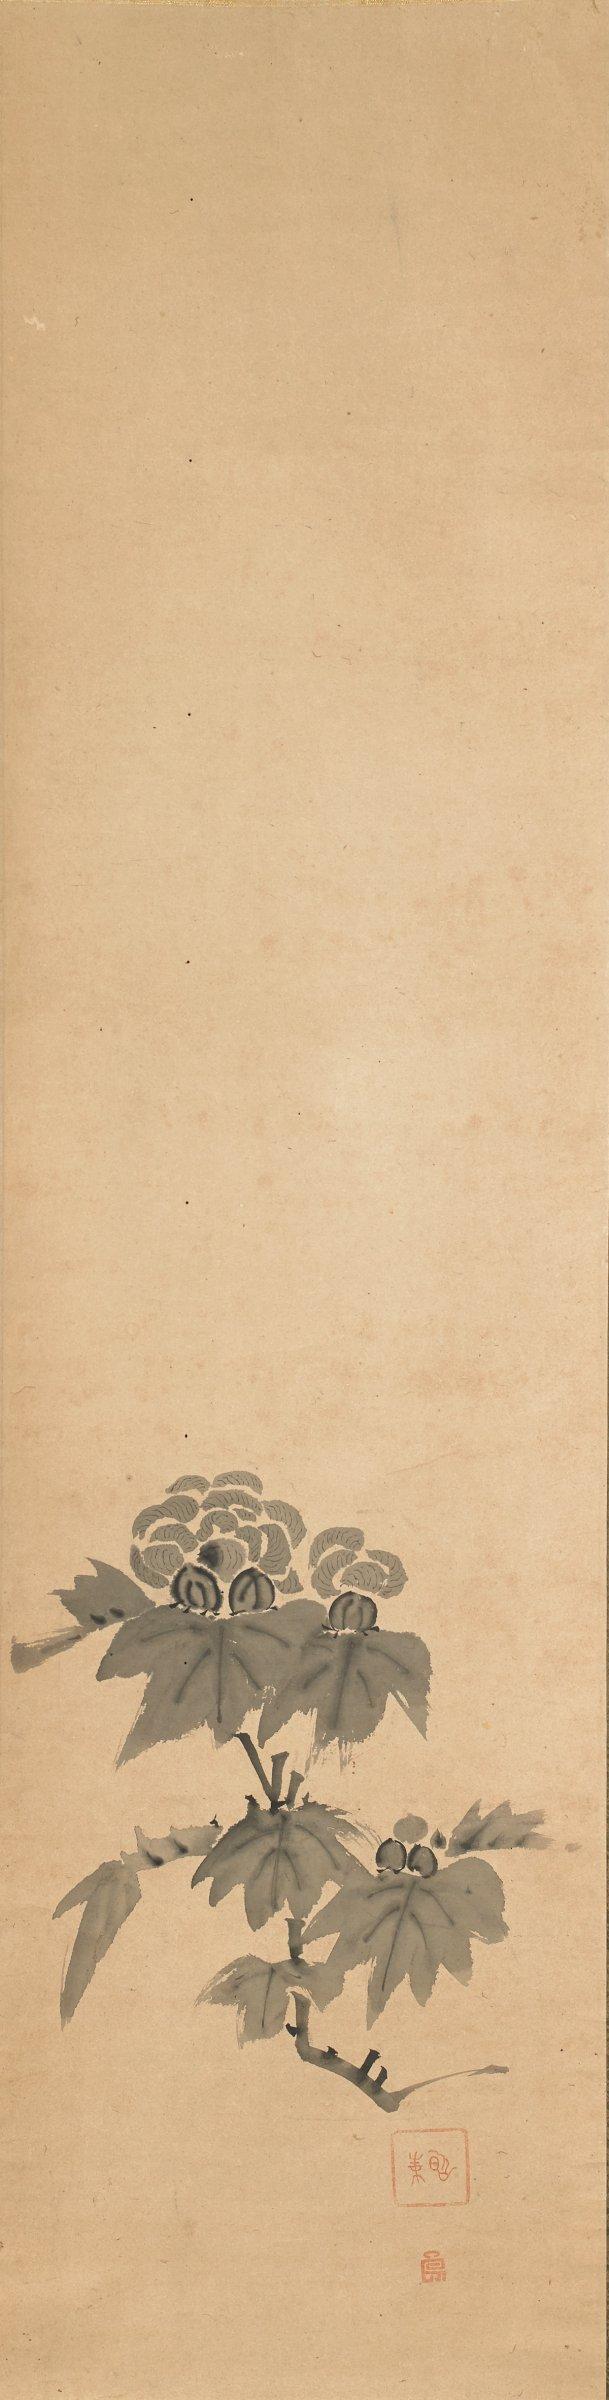 Fuyo (Peonies), Shokado Sojo, ink on paper